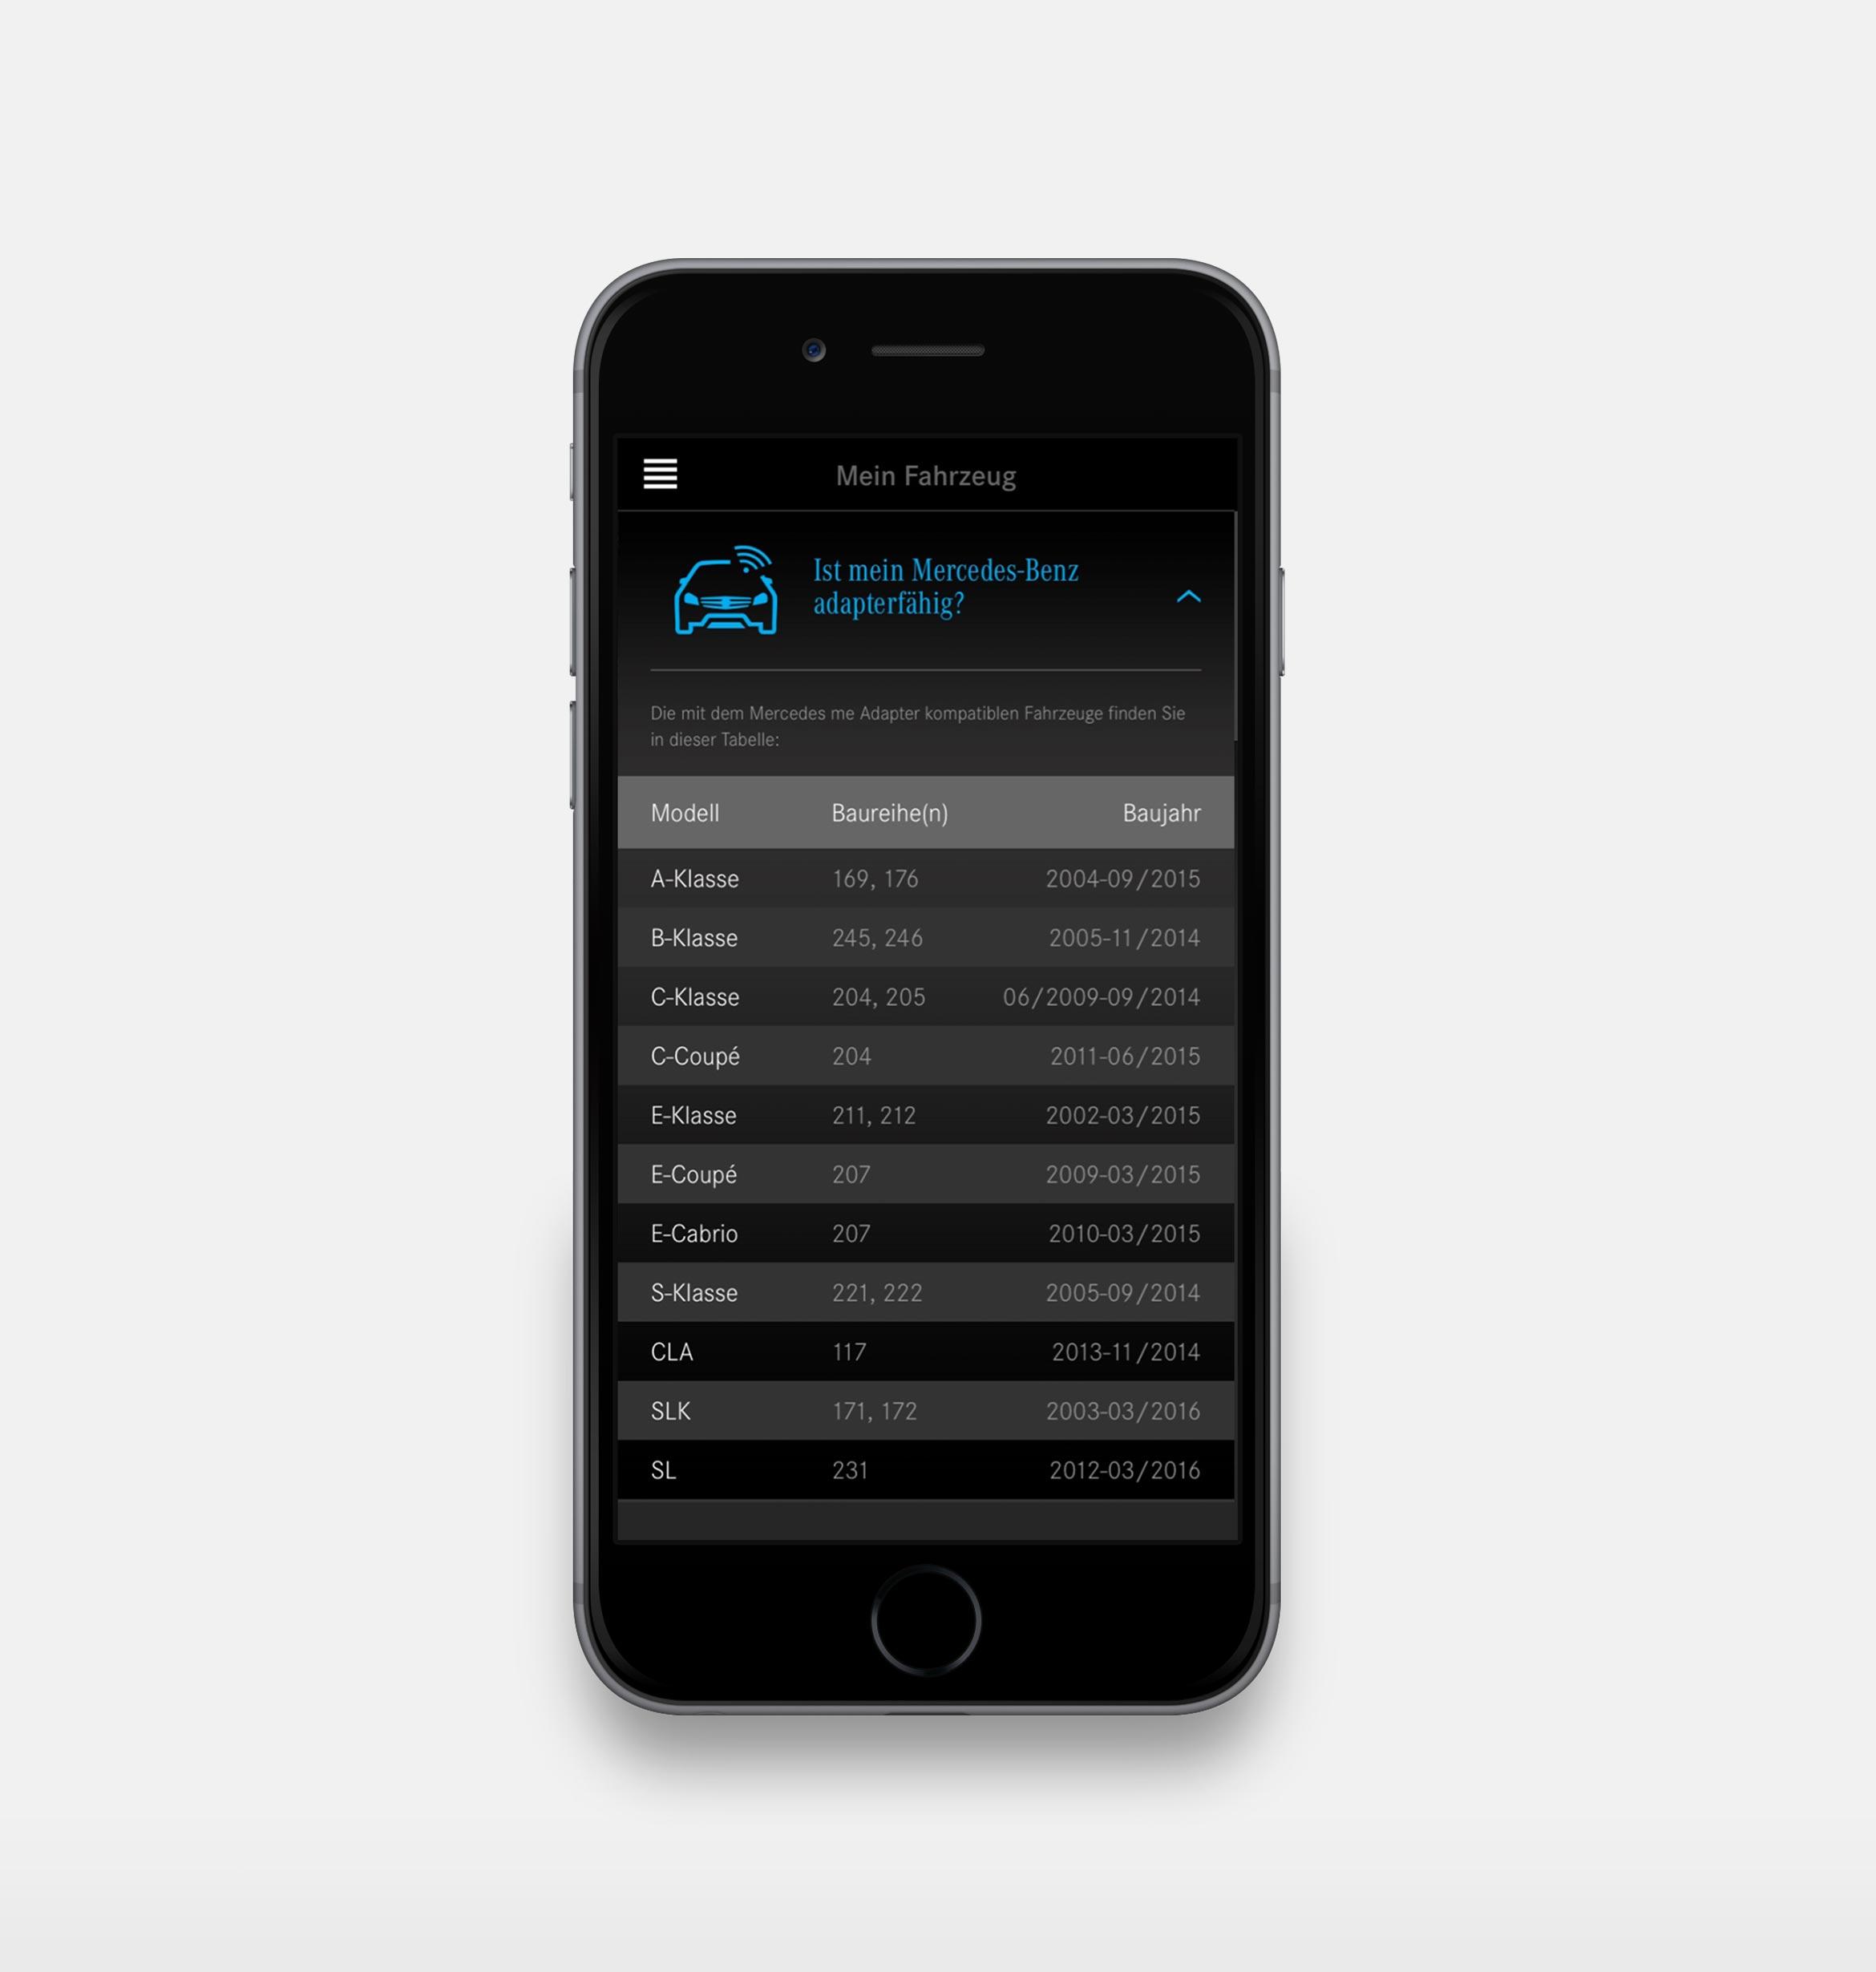 obd-app-detail-004